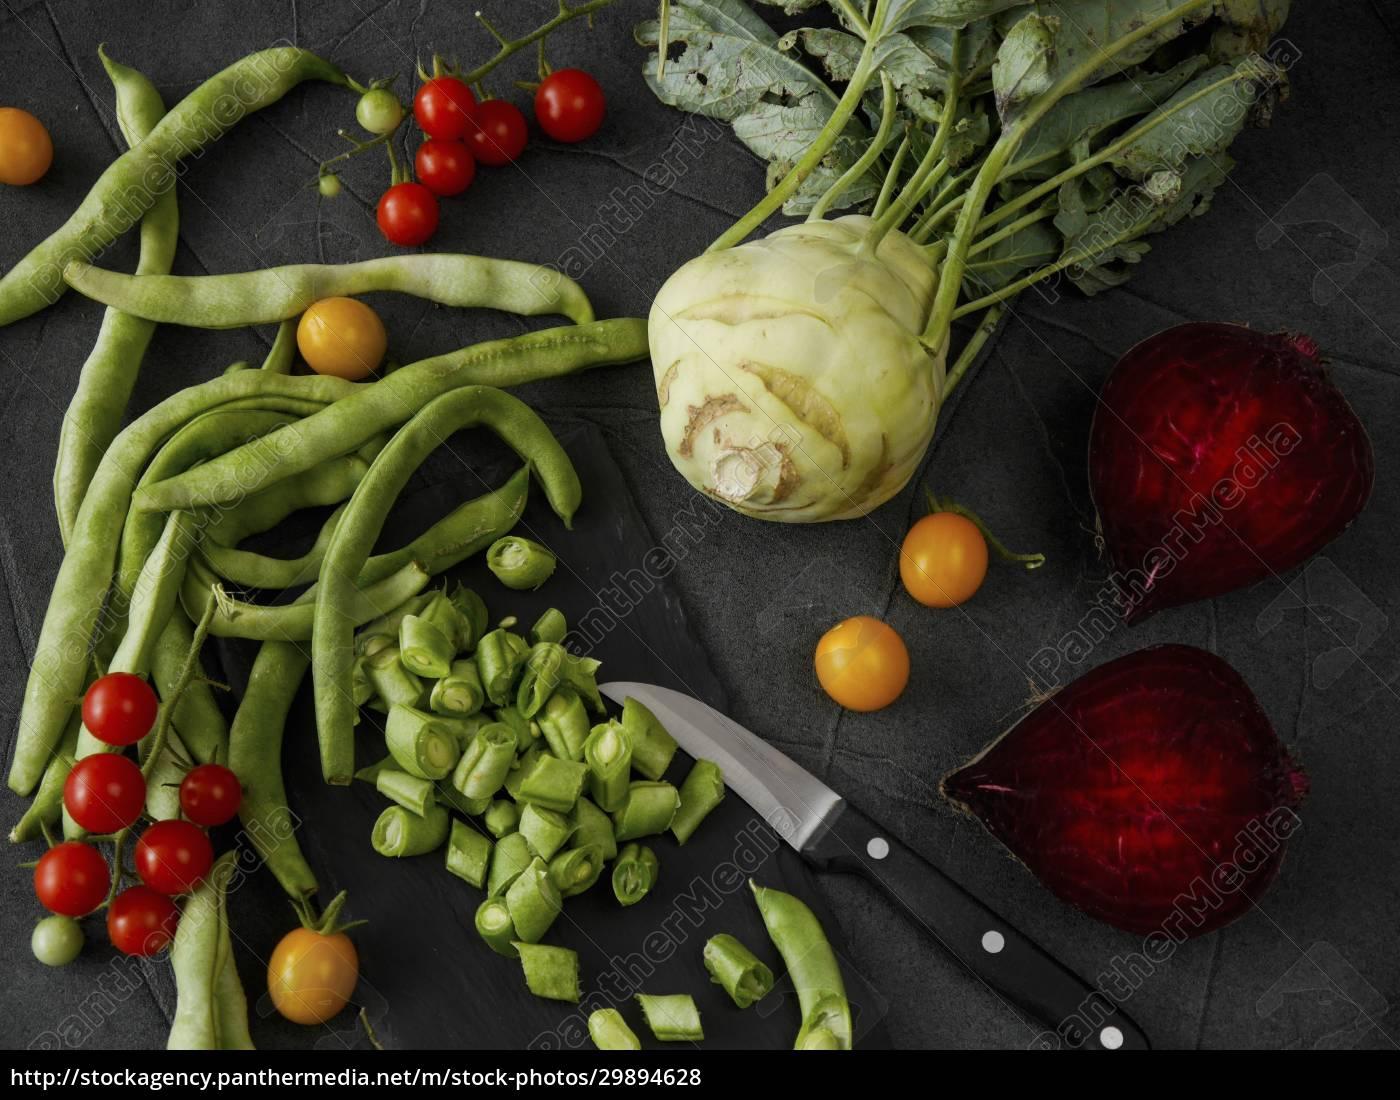 martwa, natura, warzyw, z, fasolą, pomidorami, kalarepa, i - 29894628